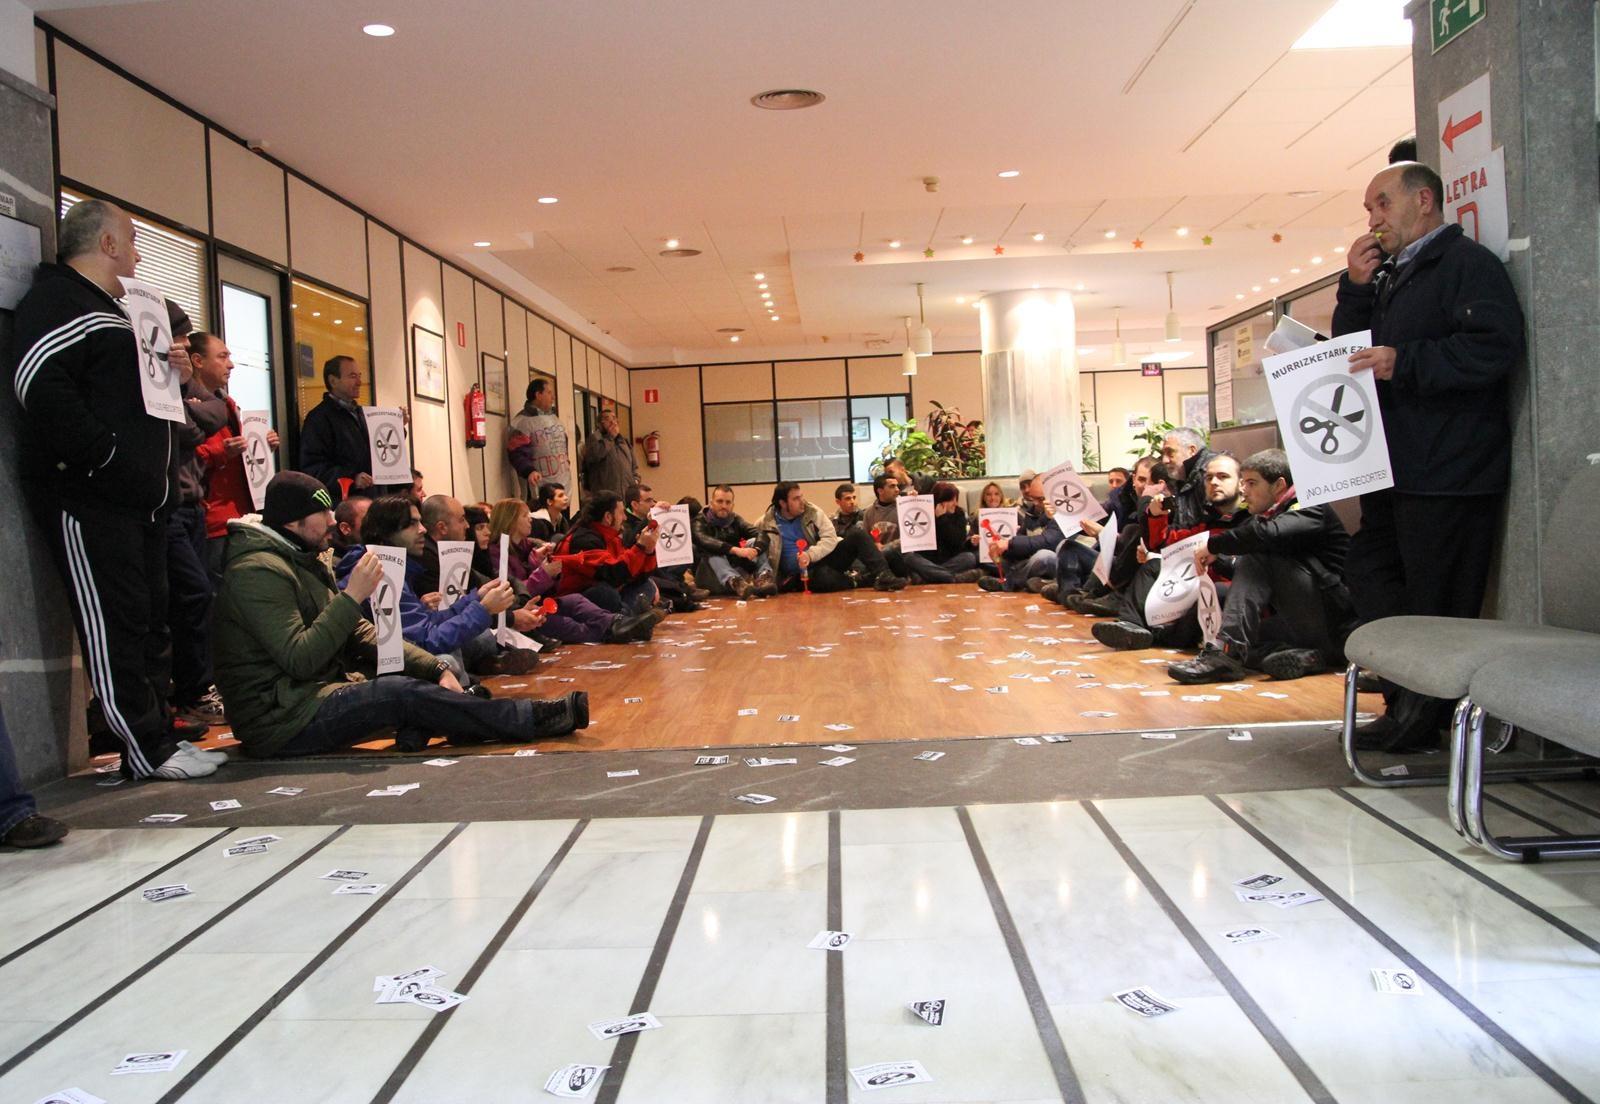 Activistas sociales ocupan las oficinas centrales de for Oficinas lanbide